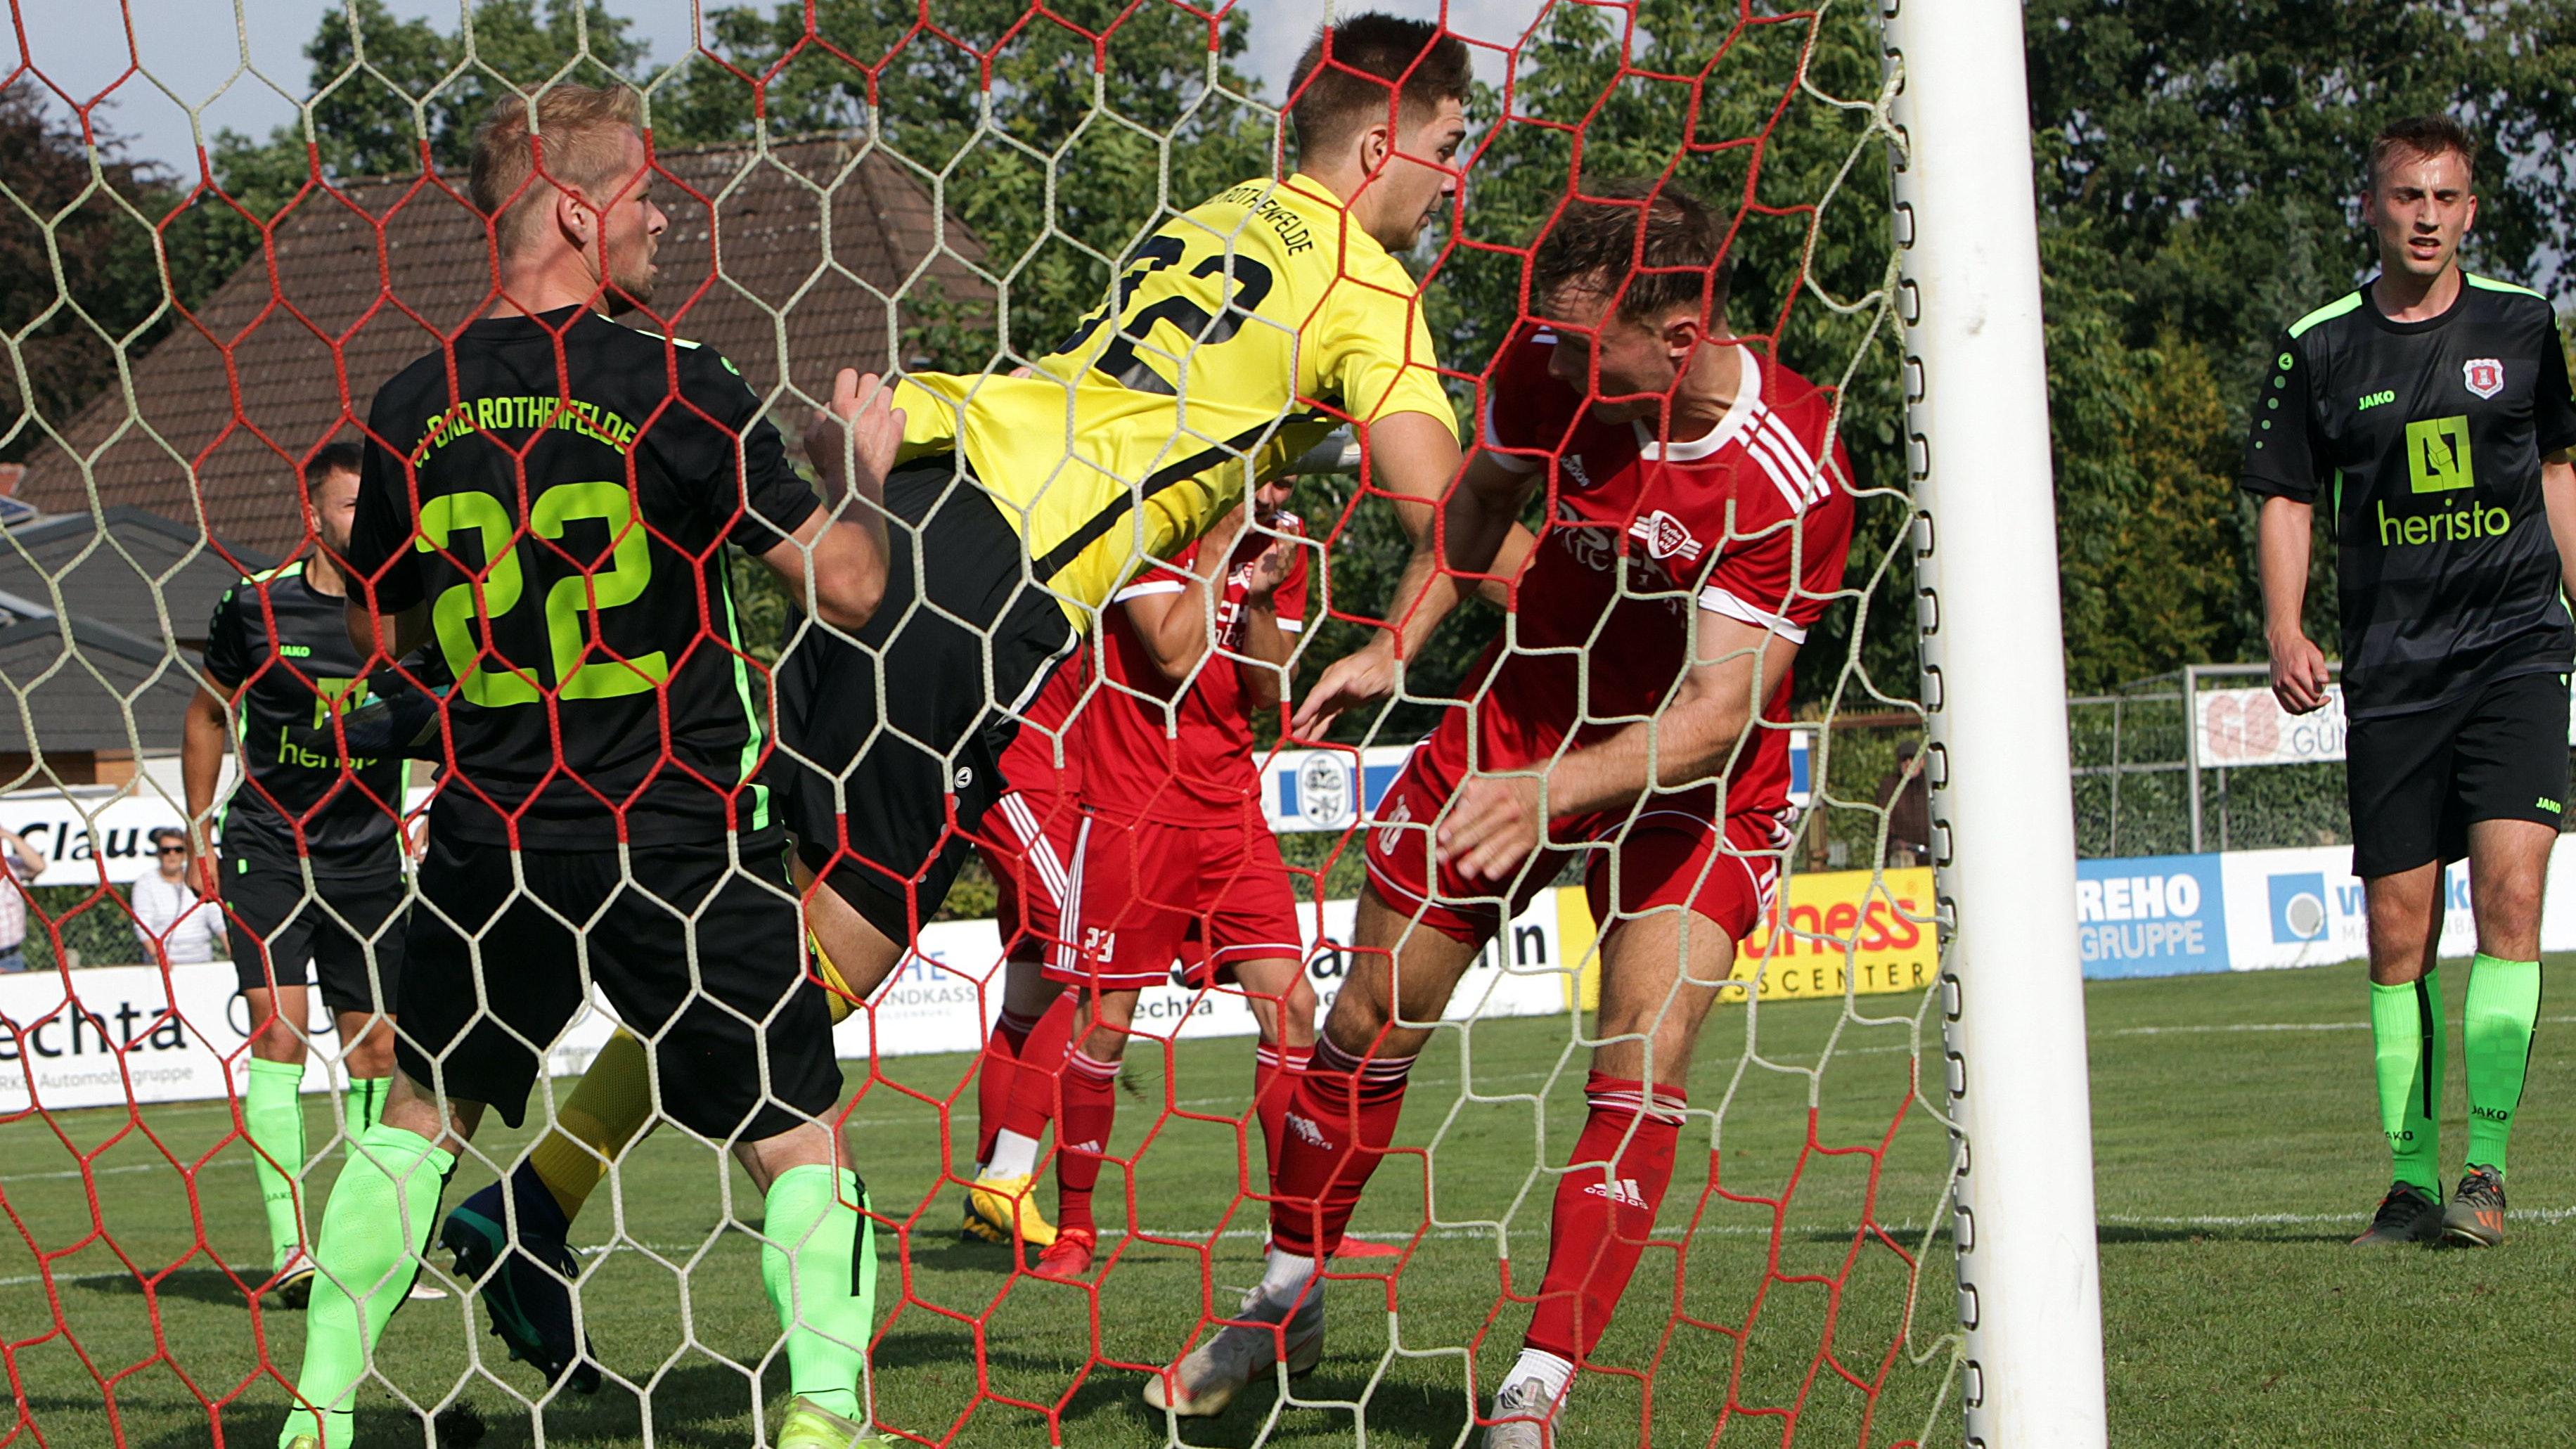 Alarm im Strafraum des Tabellenführers: Oythes Felix Schneppe (rechts) gegen Bad Rothenfeldes Torwart Tobias Zahl. Oythe machte aus einem 0:2 ein 3:2 – der erste Saisonsieg. Foto: Schikora